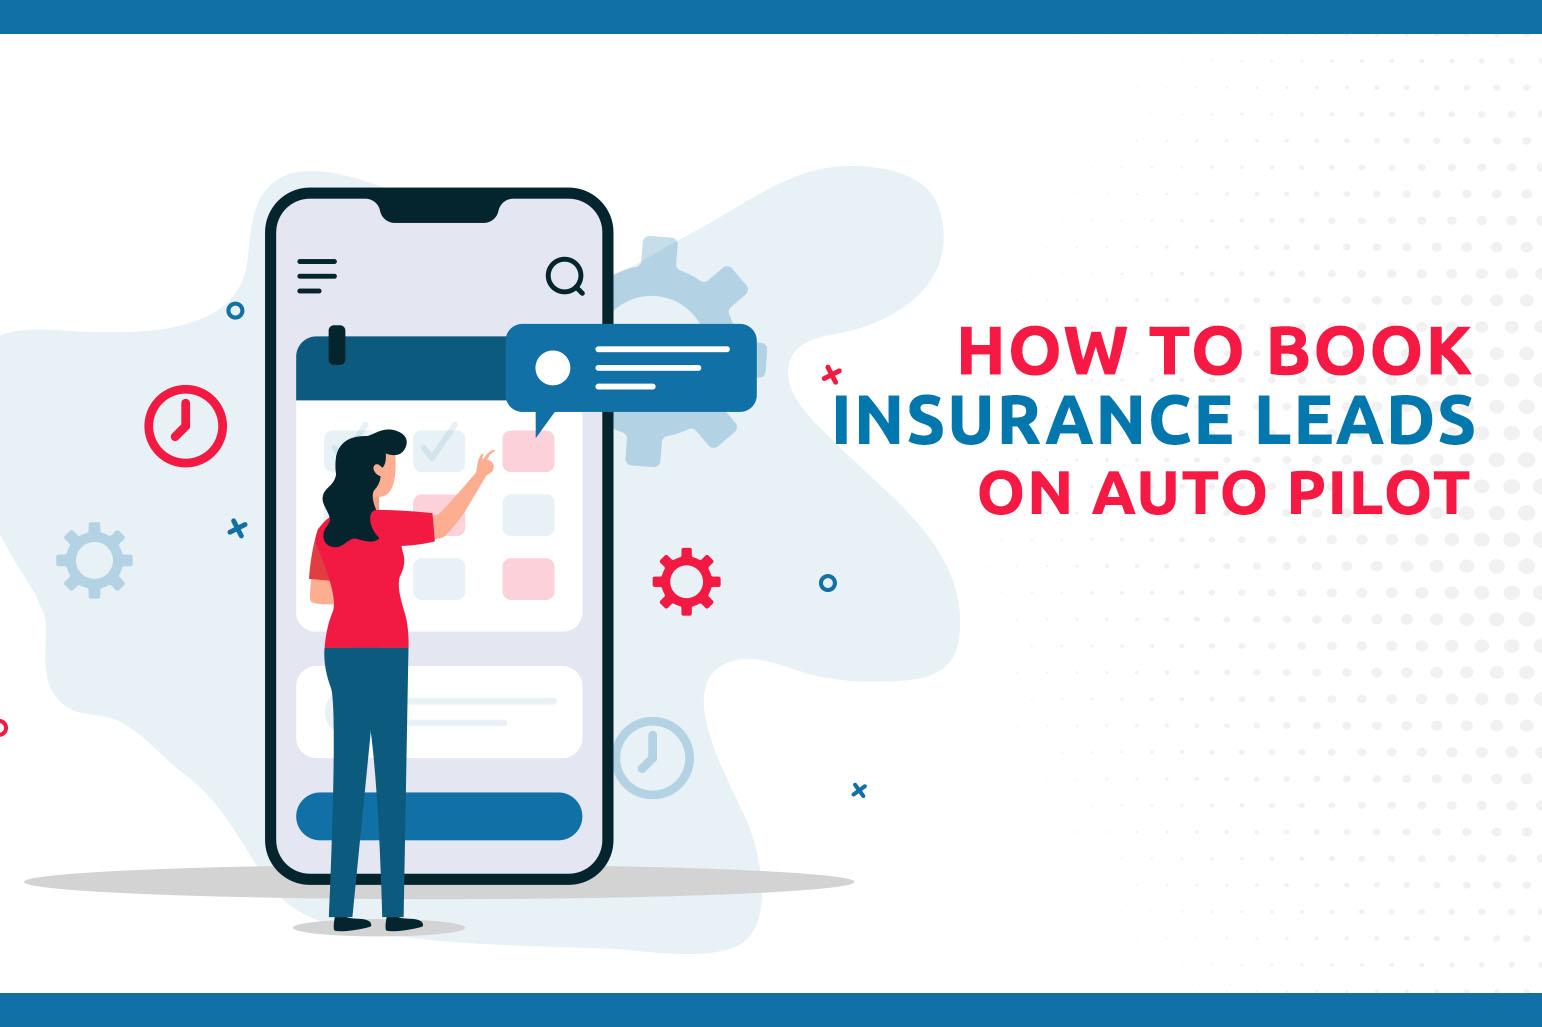 如何在自动驾驶上预订保险信息